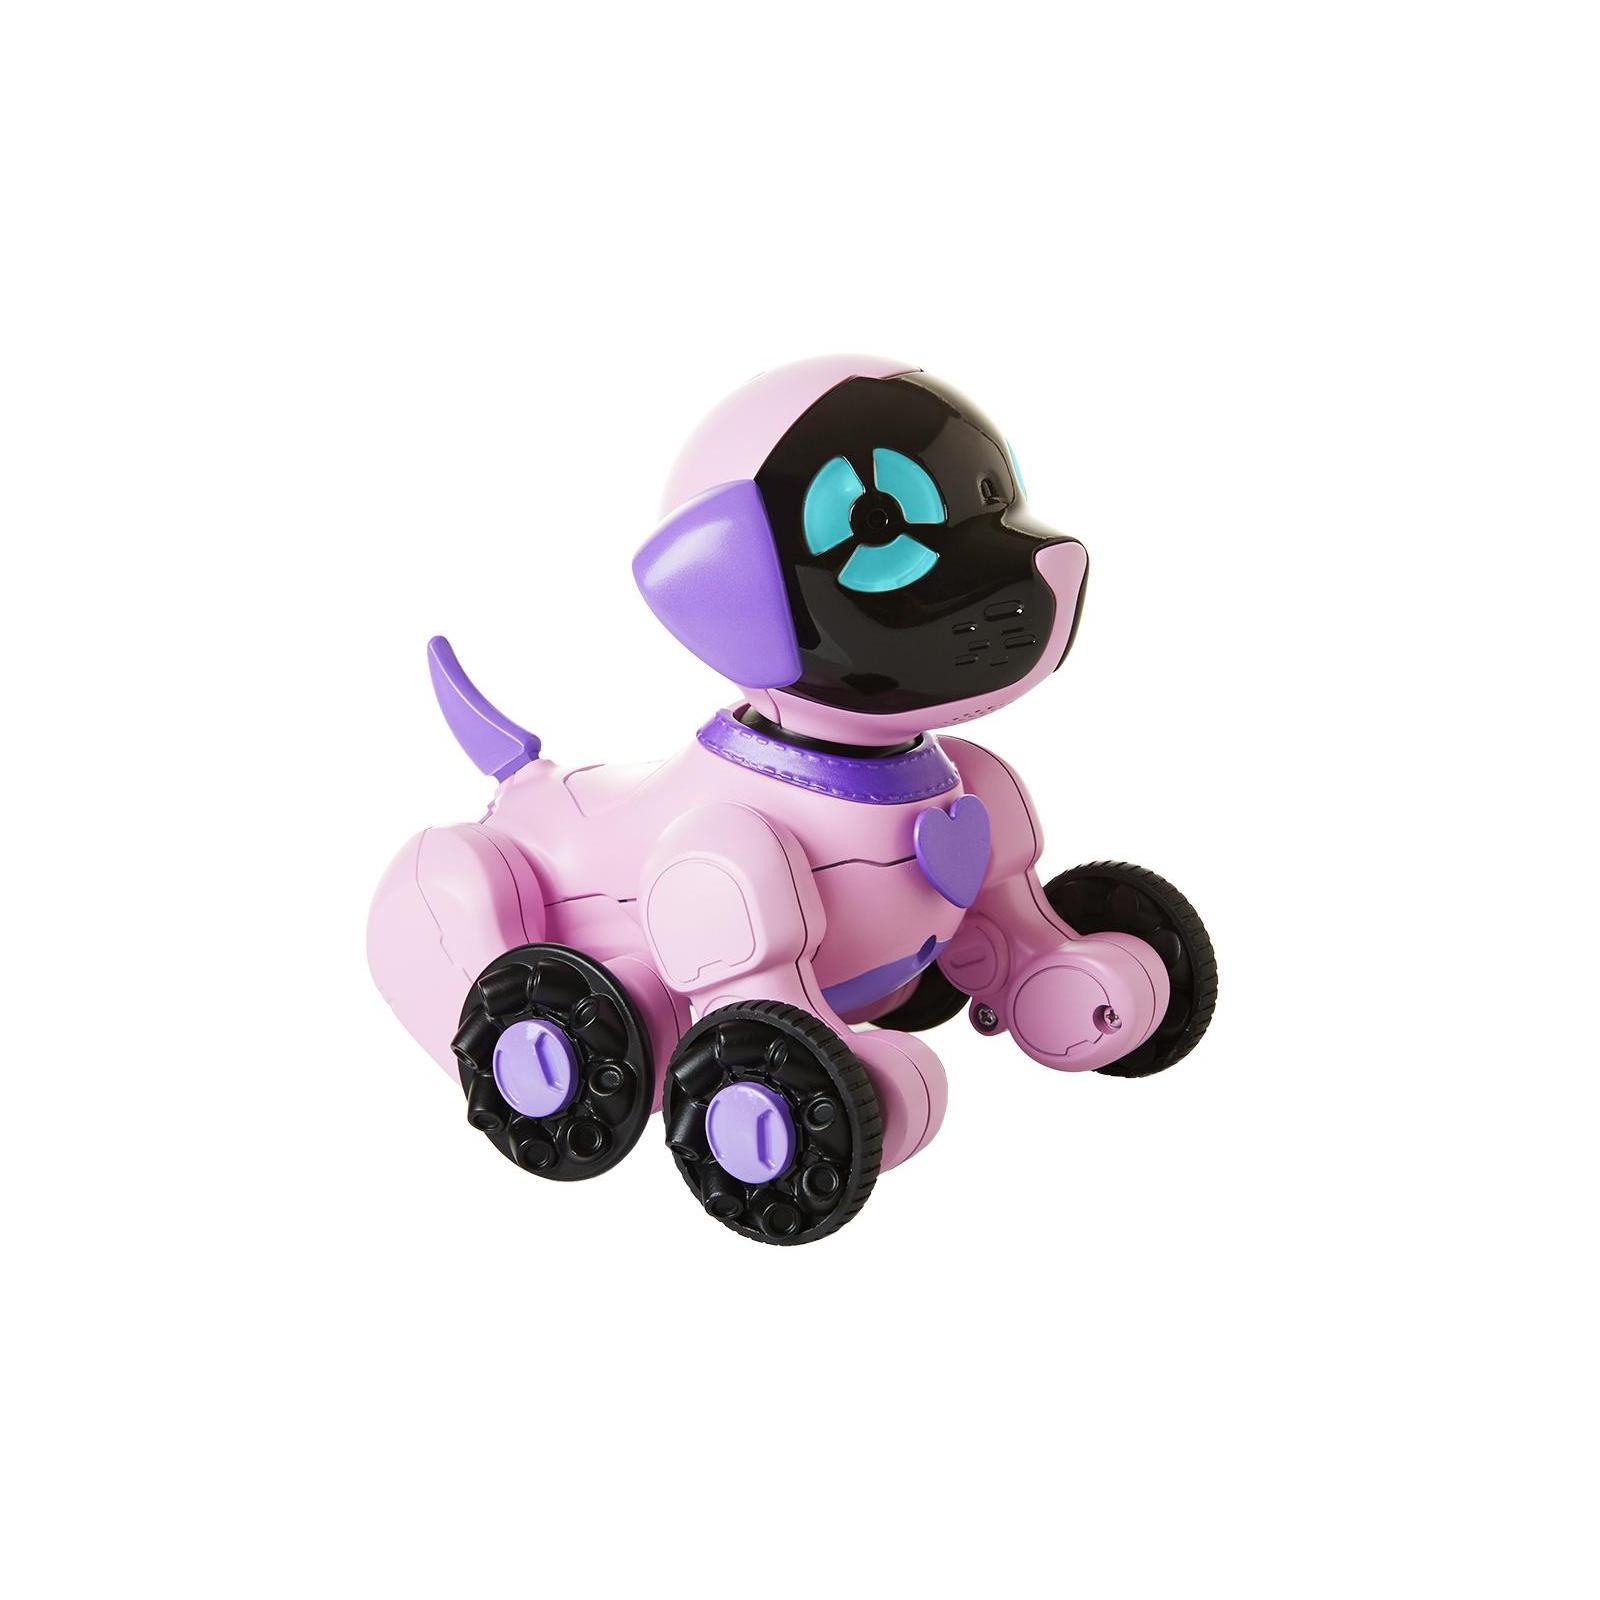 Интерактивная игрушка WowWee Маленький щенок Чип розовый (W2804/3817) изображение 2